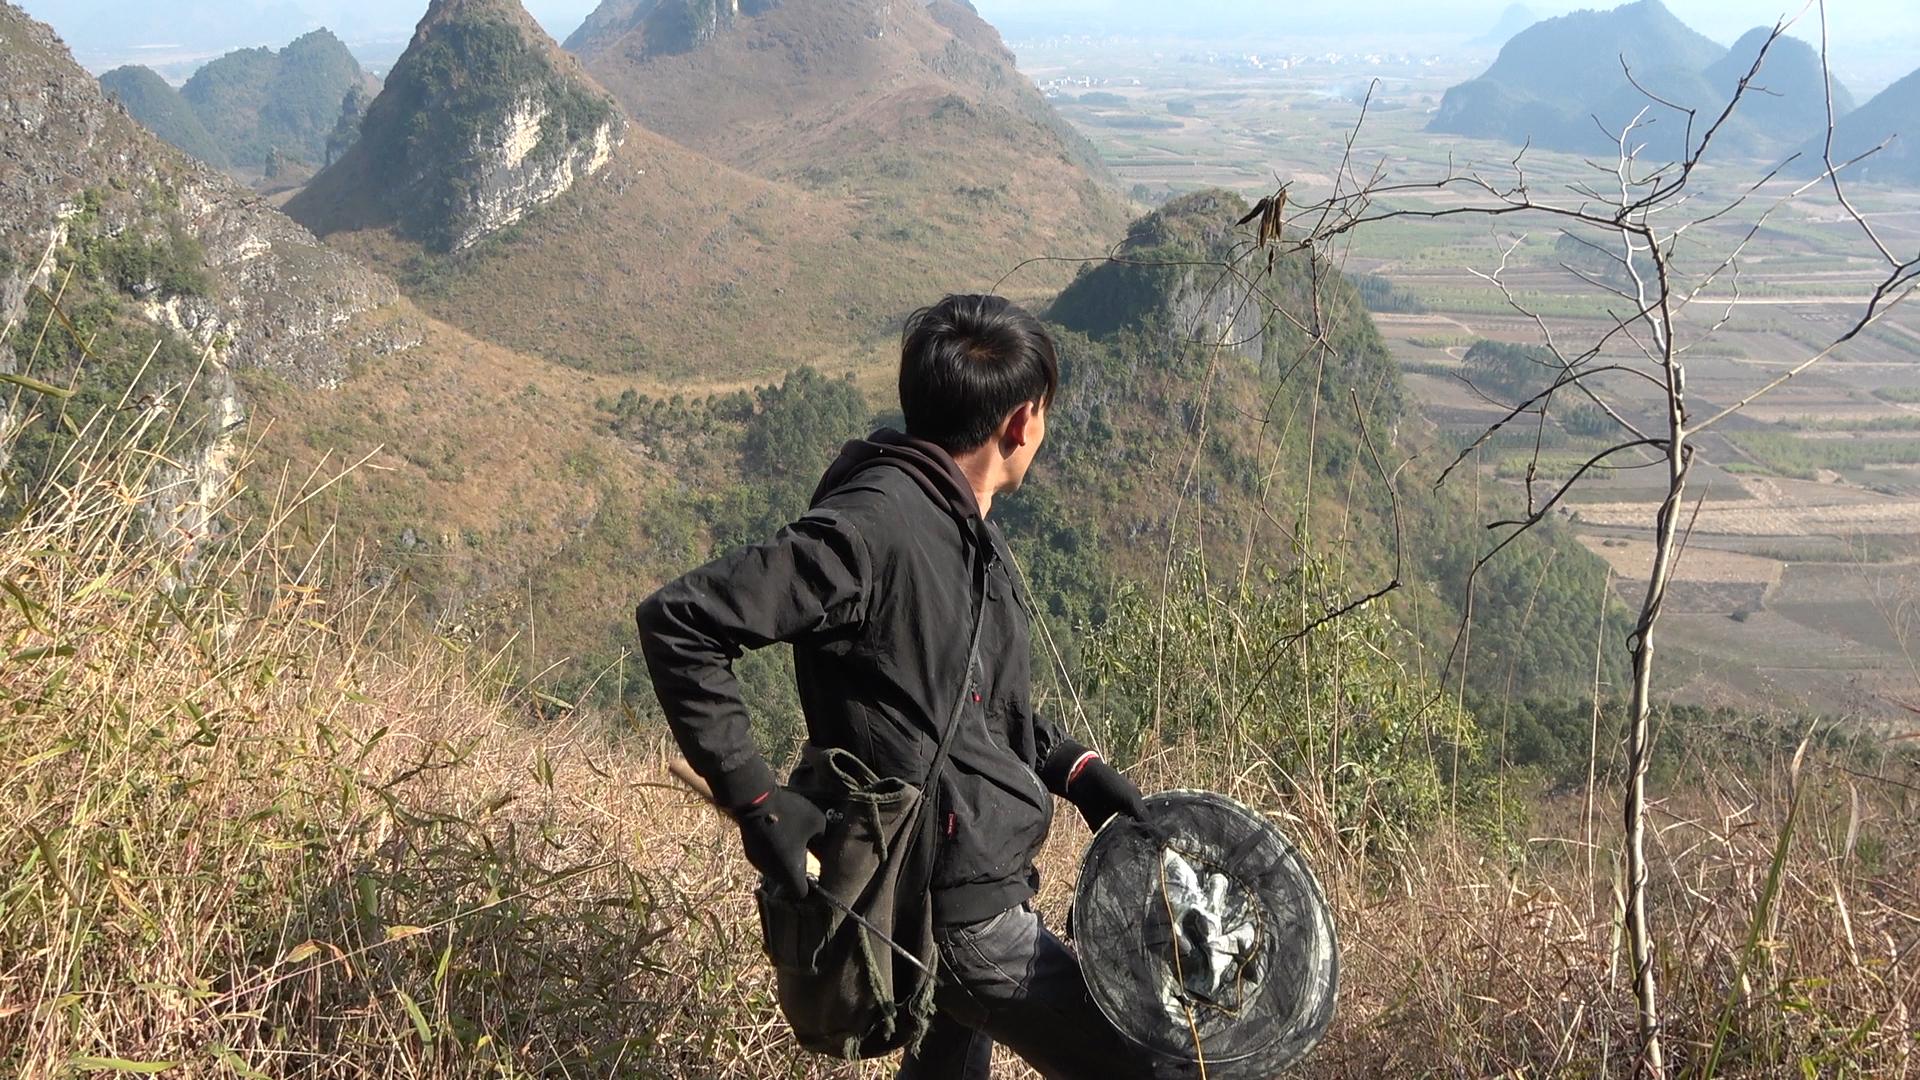 小明翻越两座大山寻找值钱货,一个上午就能挣几百块,累得值了